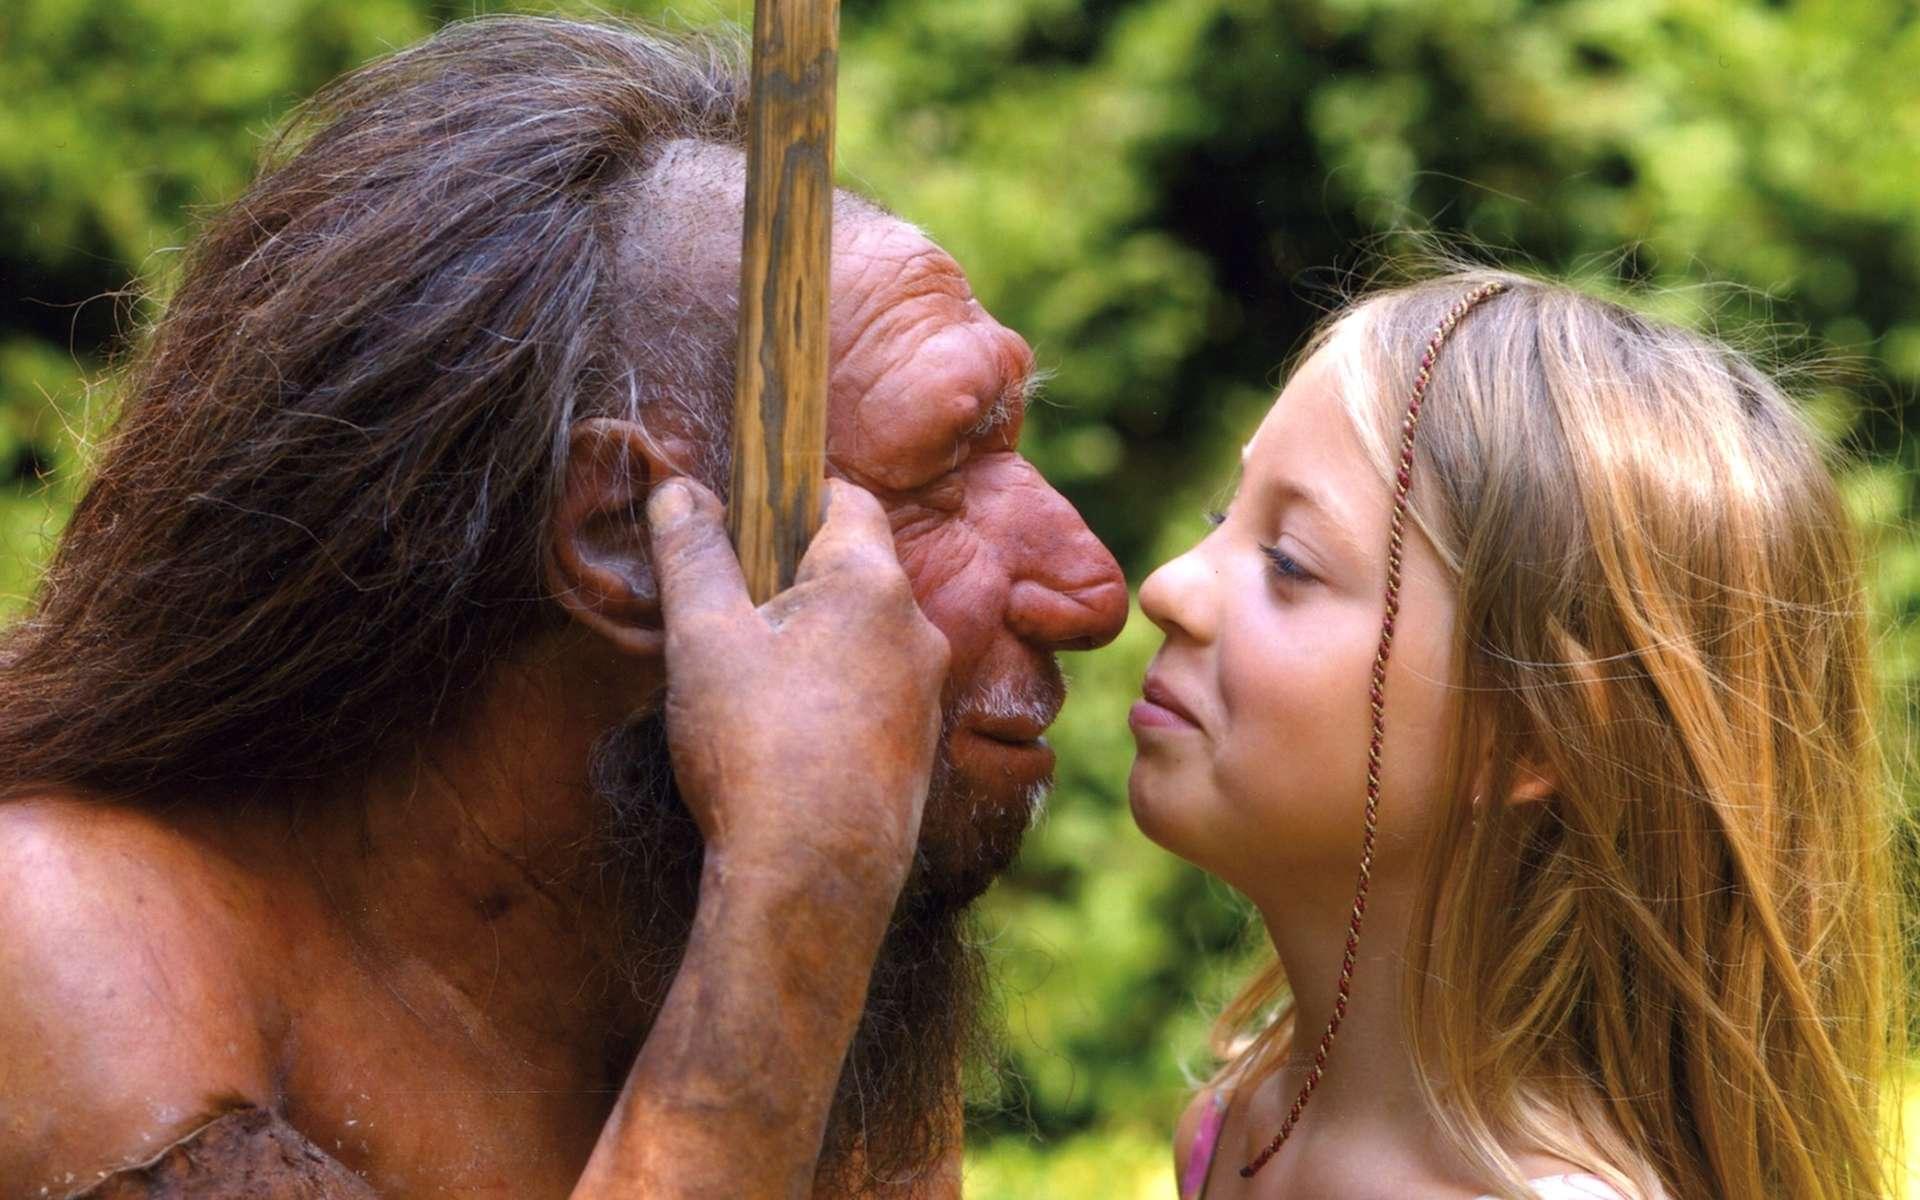 Après la description de la séquence ADN de l'Homme de Néandertal et de l'Homme de Denisova, des chercheurs ont désormais établi le profil épigénétique de ces deux espèces humaines disparues. © Neanderthal Museum, Mettmann, Allemagne, cc by 4.0